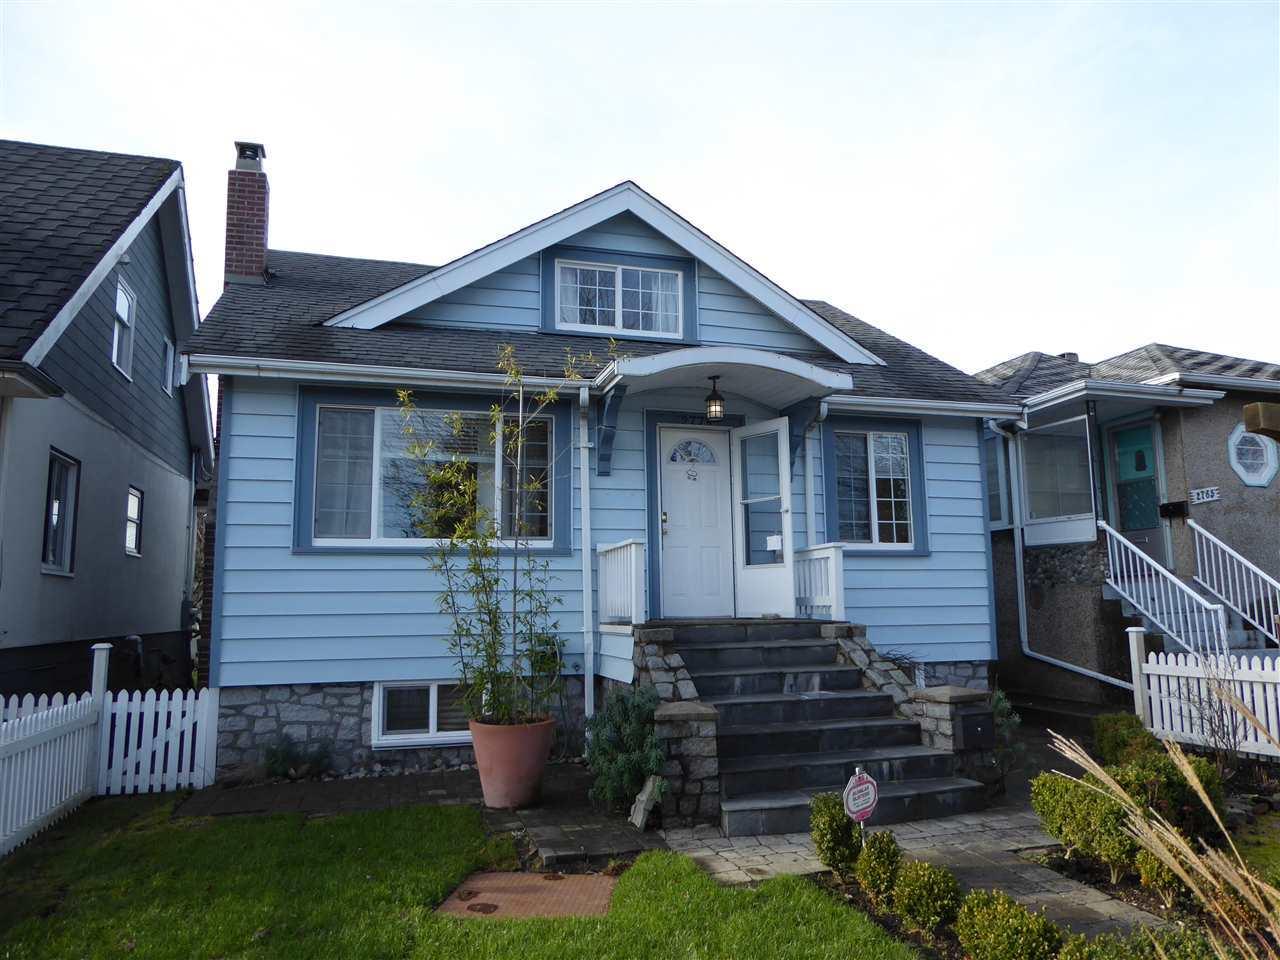 2779 NANAIMO STREET, Vancouver, BC V5N 5E9